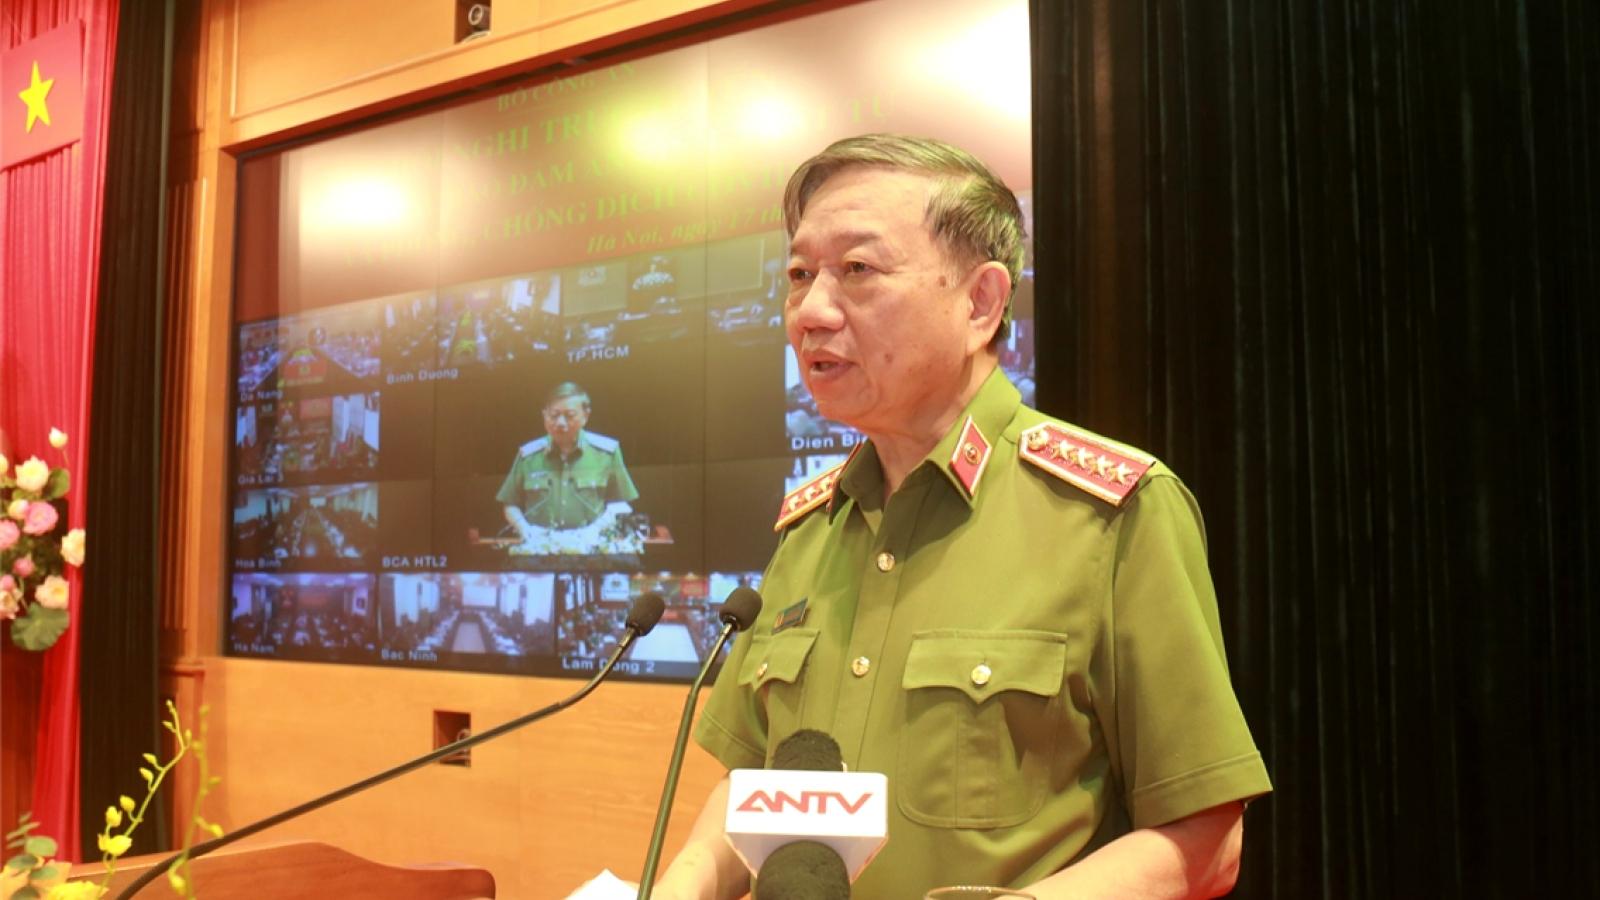 Đại tướng Tô Lâm: Chủ động giải quyết kịp thời các vụ việc phức tạp